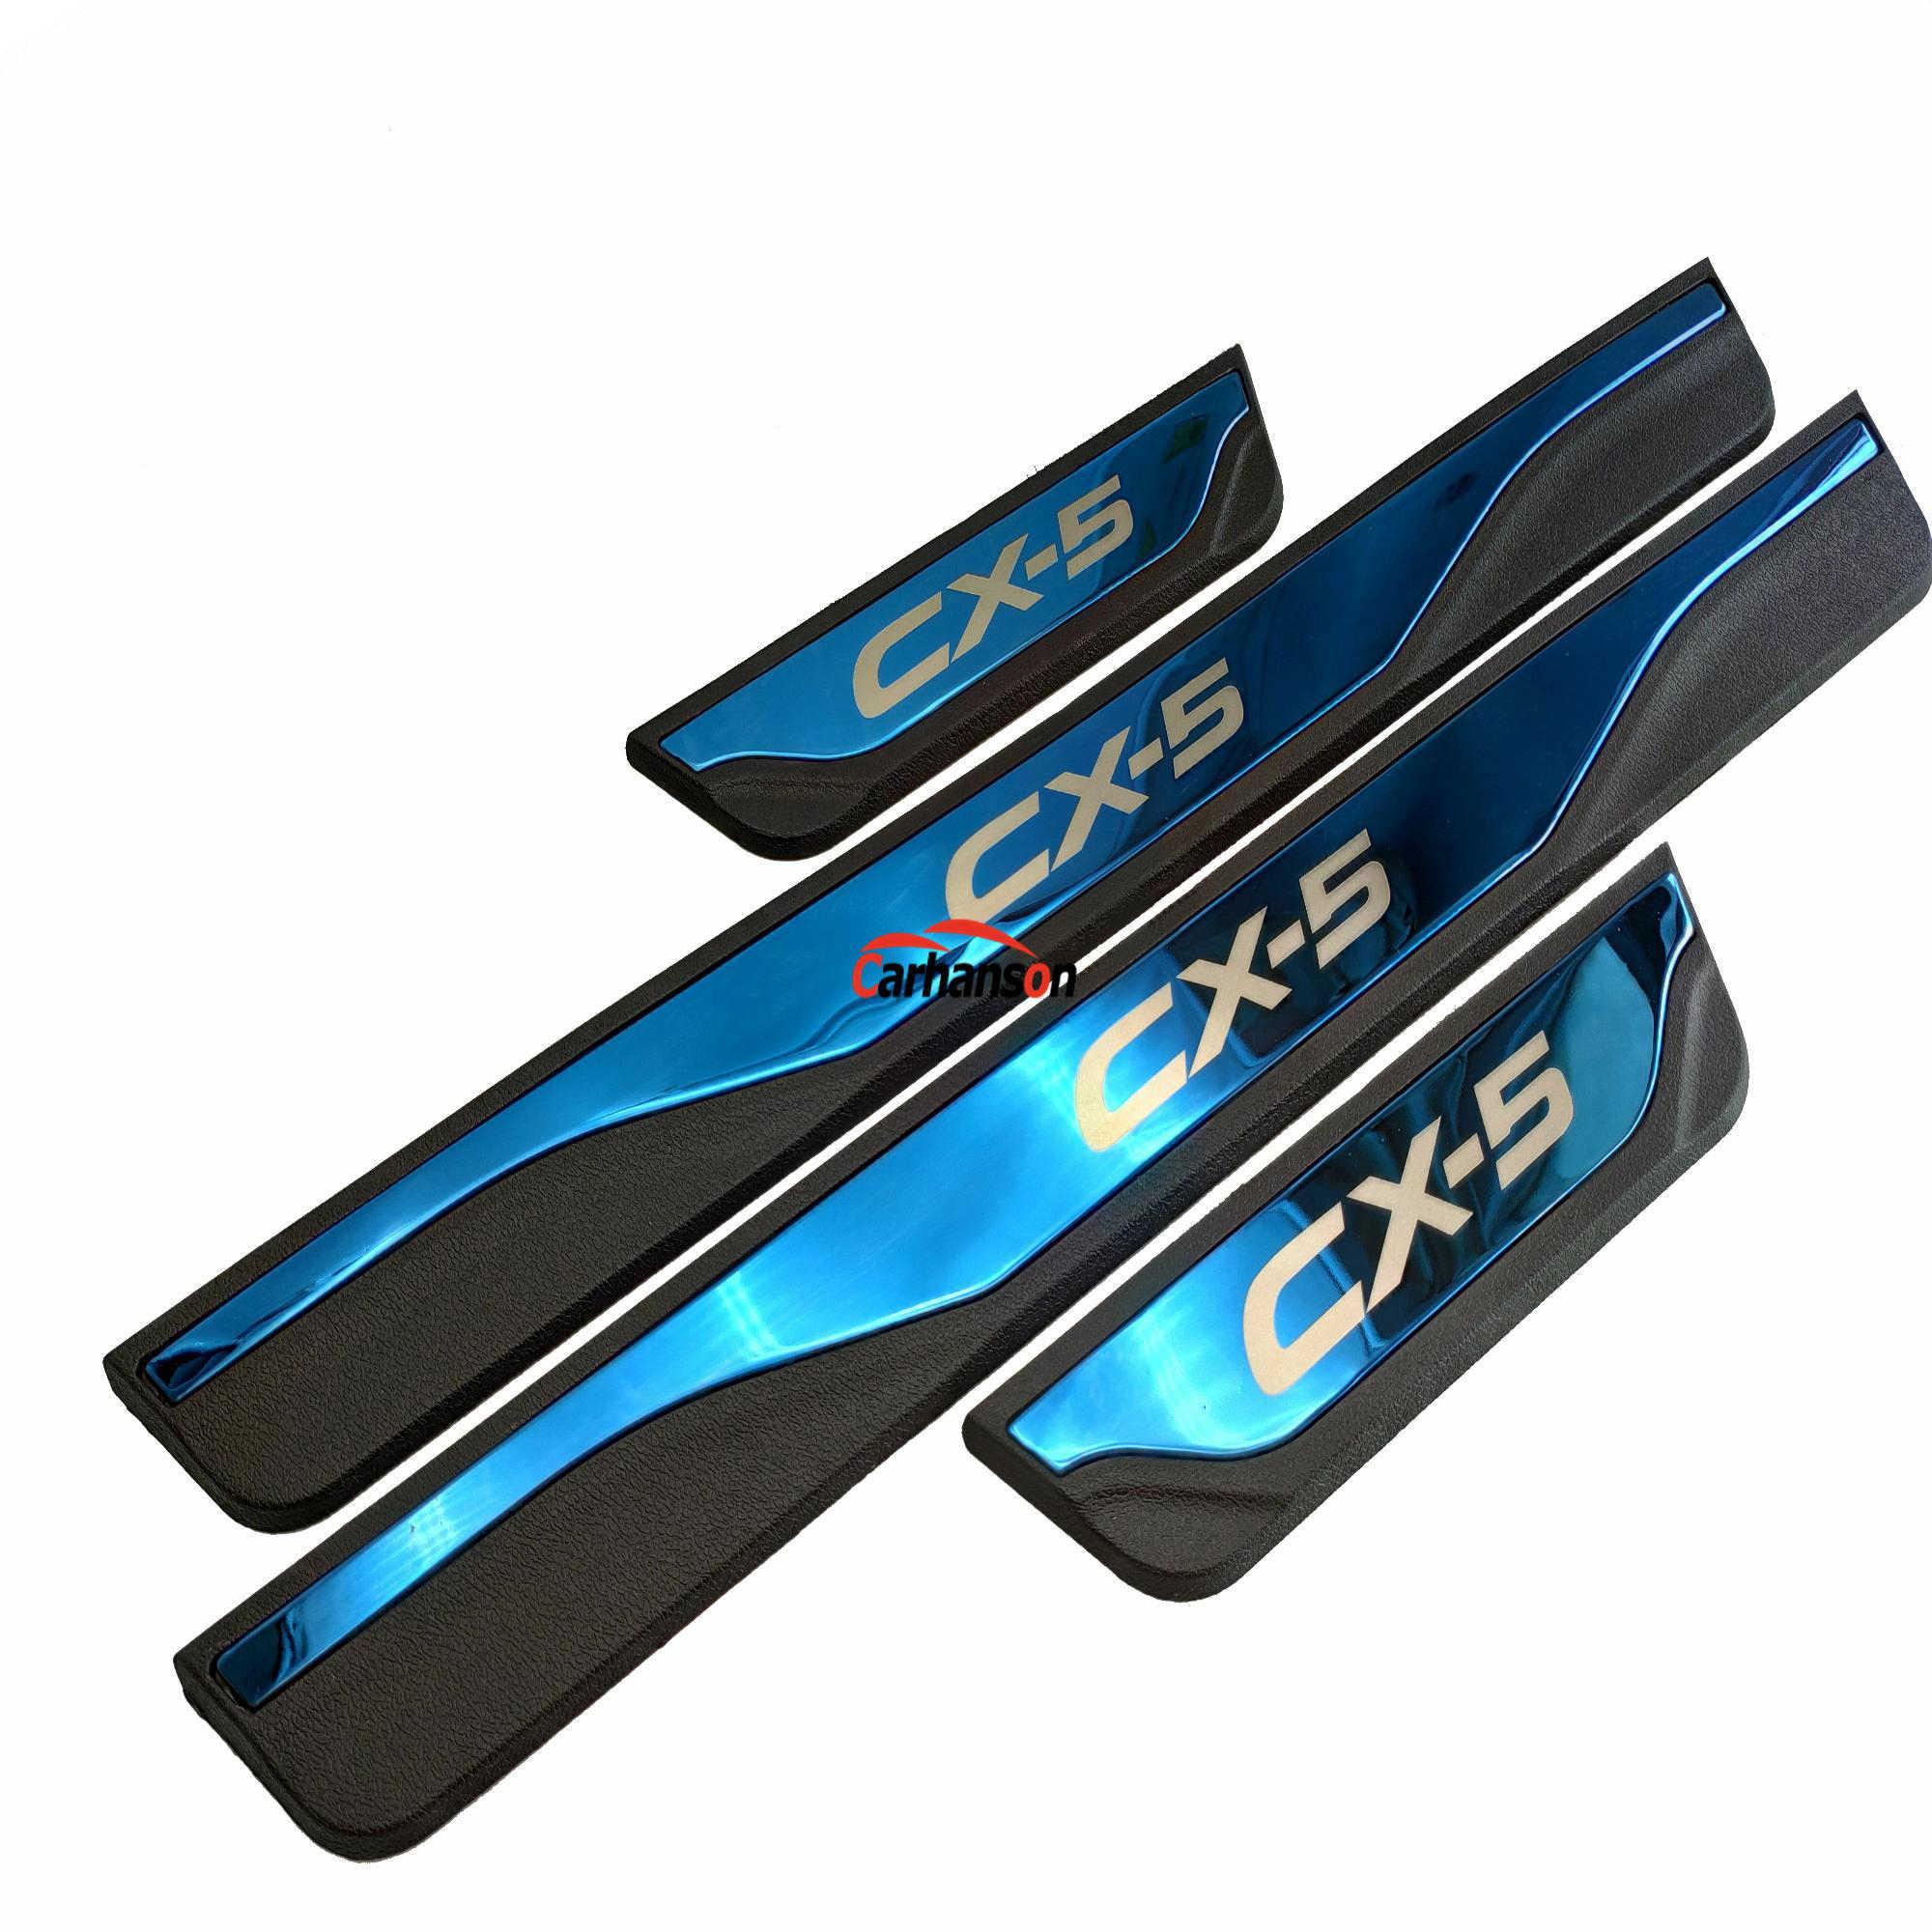 ملصقا ل السيارات مازدا CX-5 CX 5 CX5 الباب عتبة قطاع الاكسسوارات دواسة سيارة حماة غطاء الكسوة 2013 2015 2017 2018 2019 2020